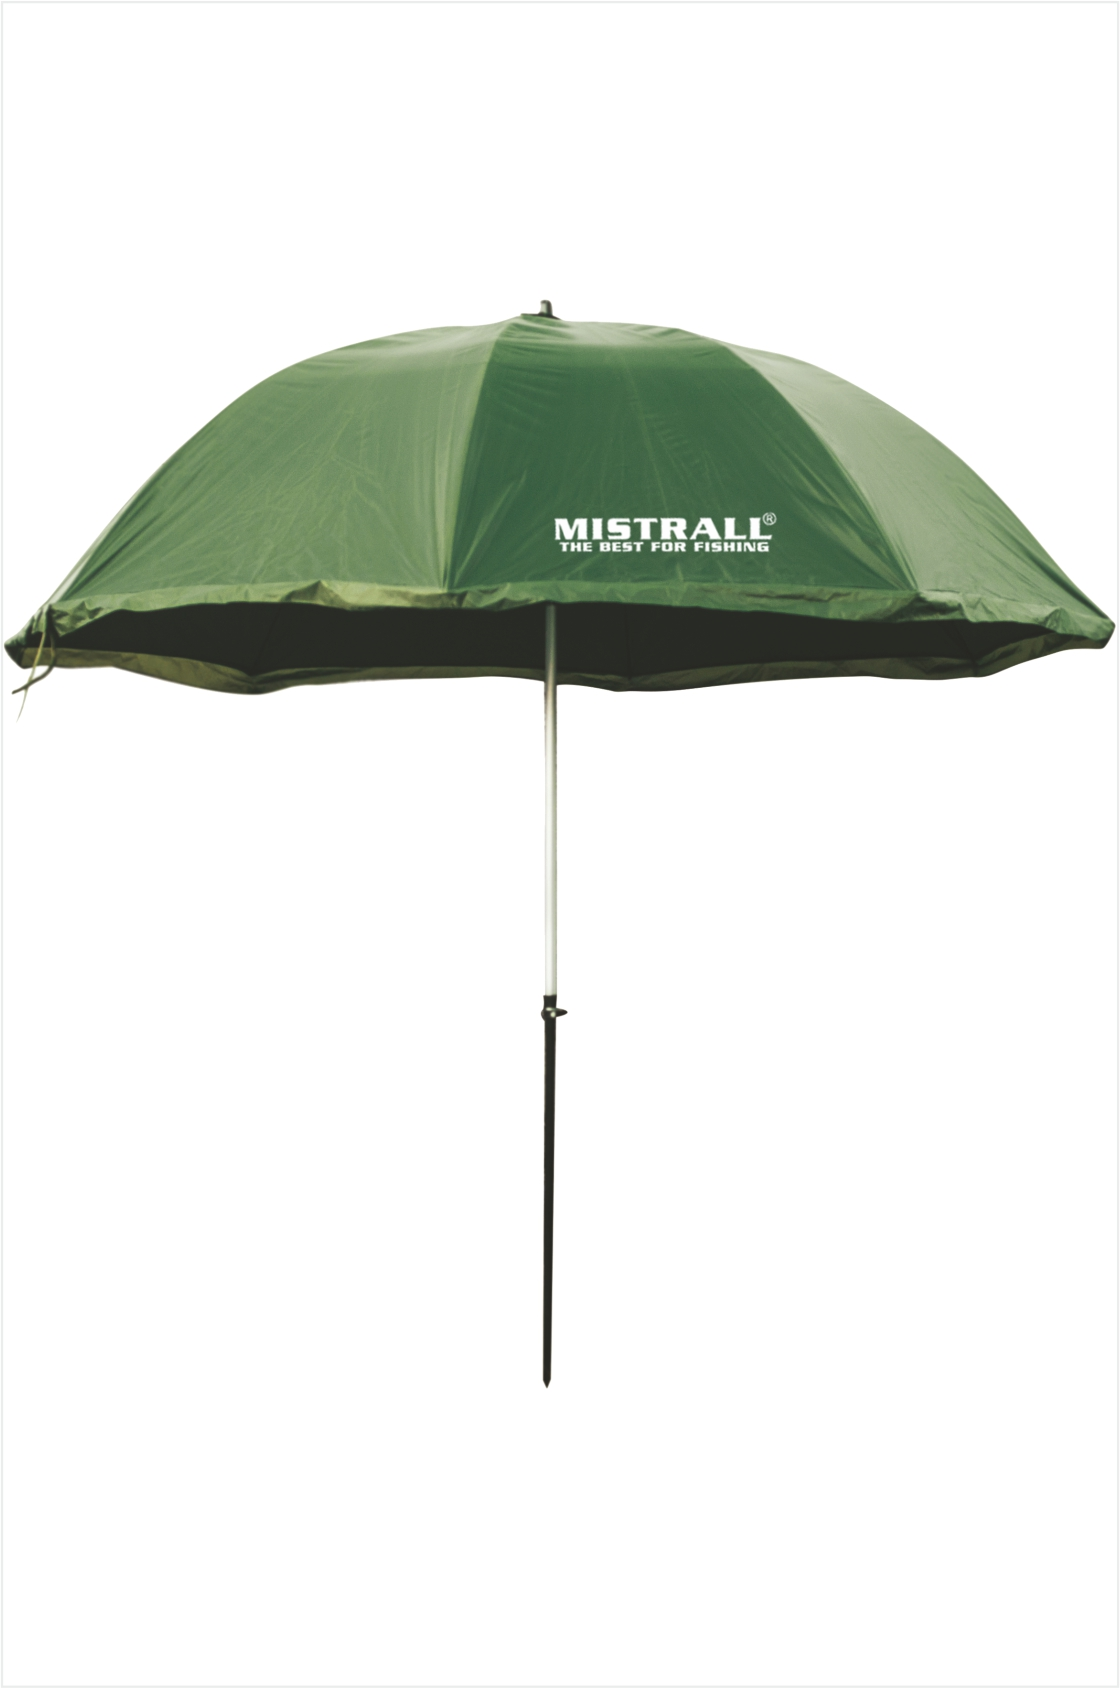 Mistrall rybářský deštník, obvod 250 cm